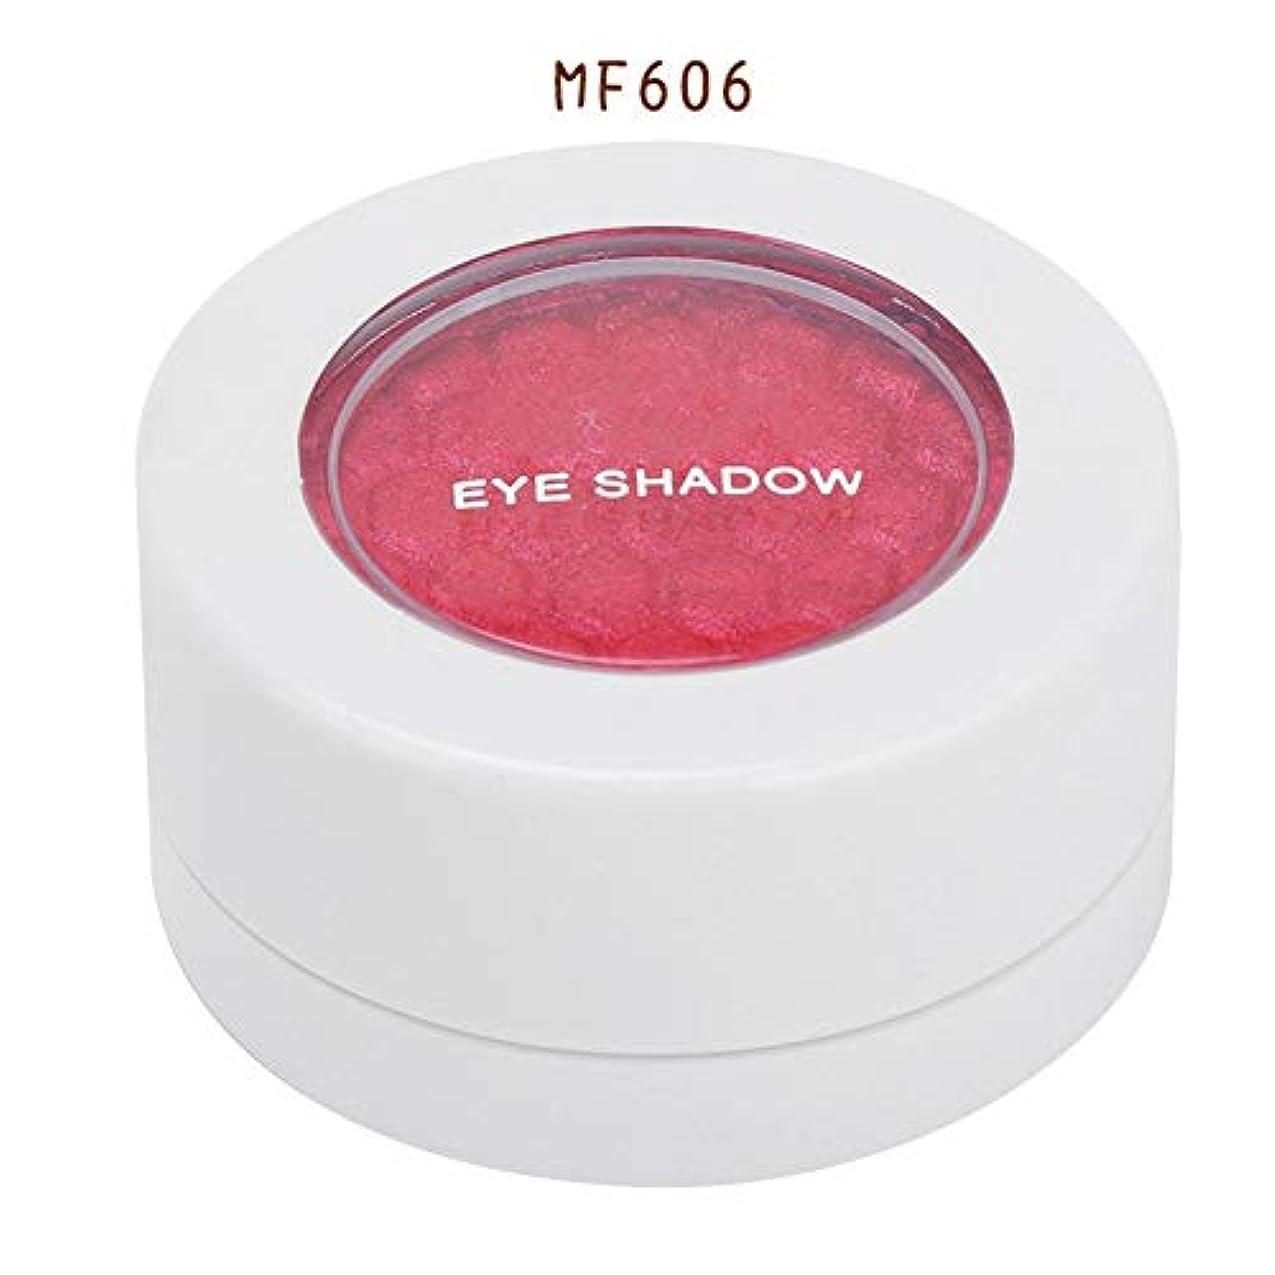 パウダー神秘絶えず4色 アイシャドウパレット アイシャドウパレット 化粧品ツール 化粧マットグロス アイシャドウパウダー (MF606)